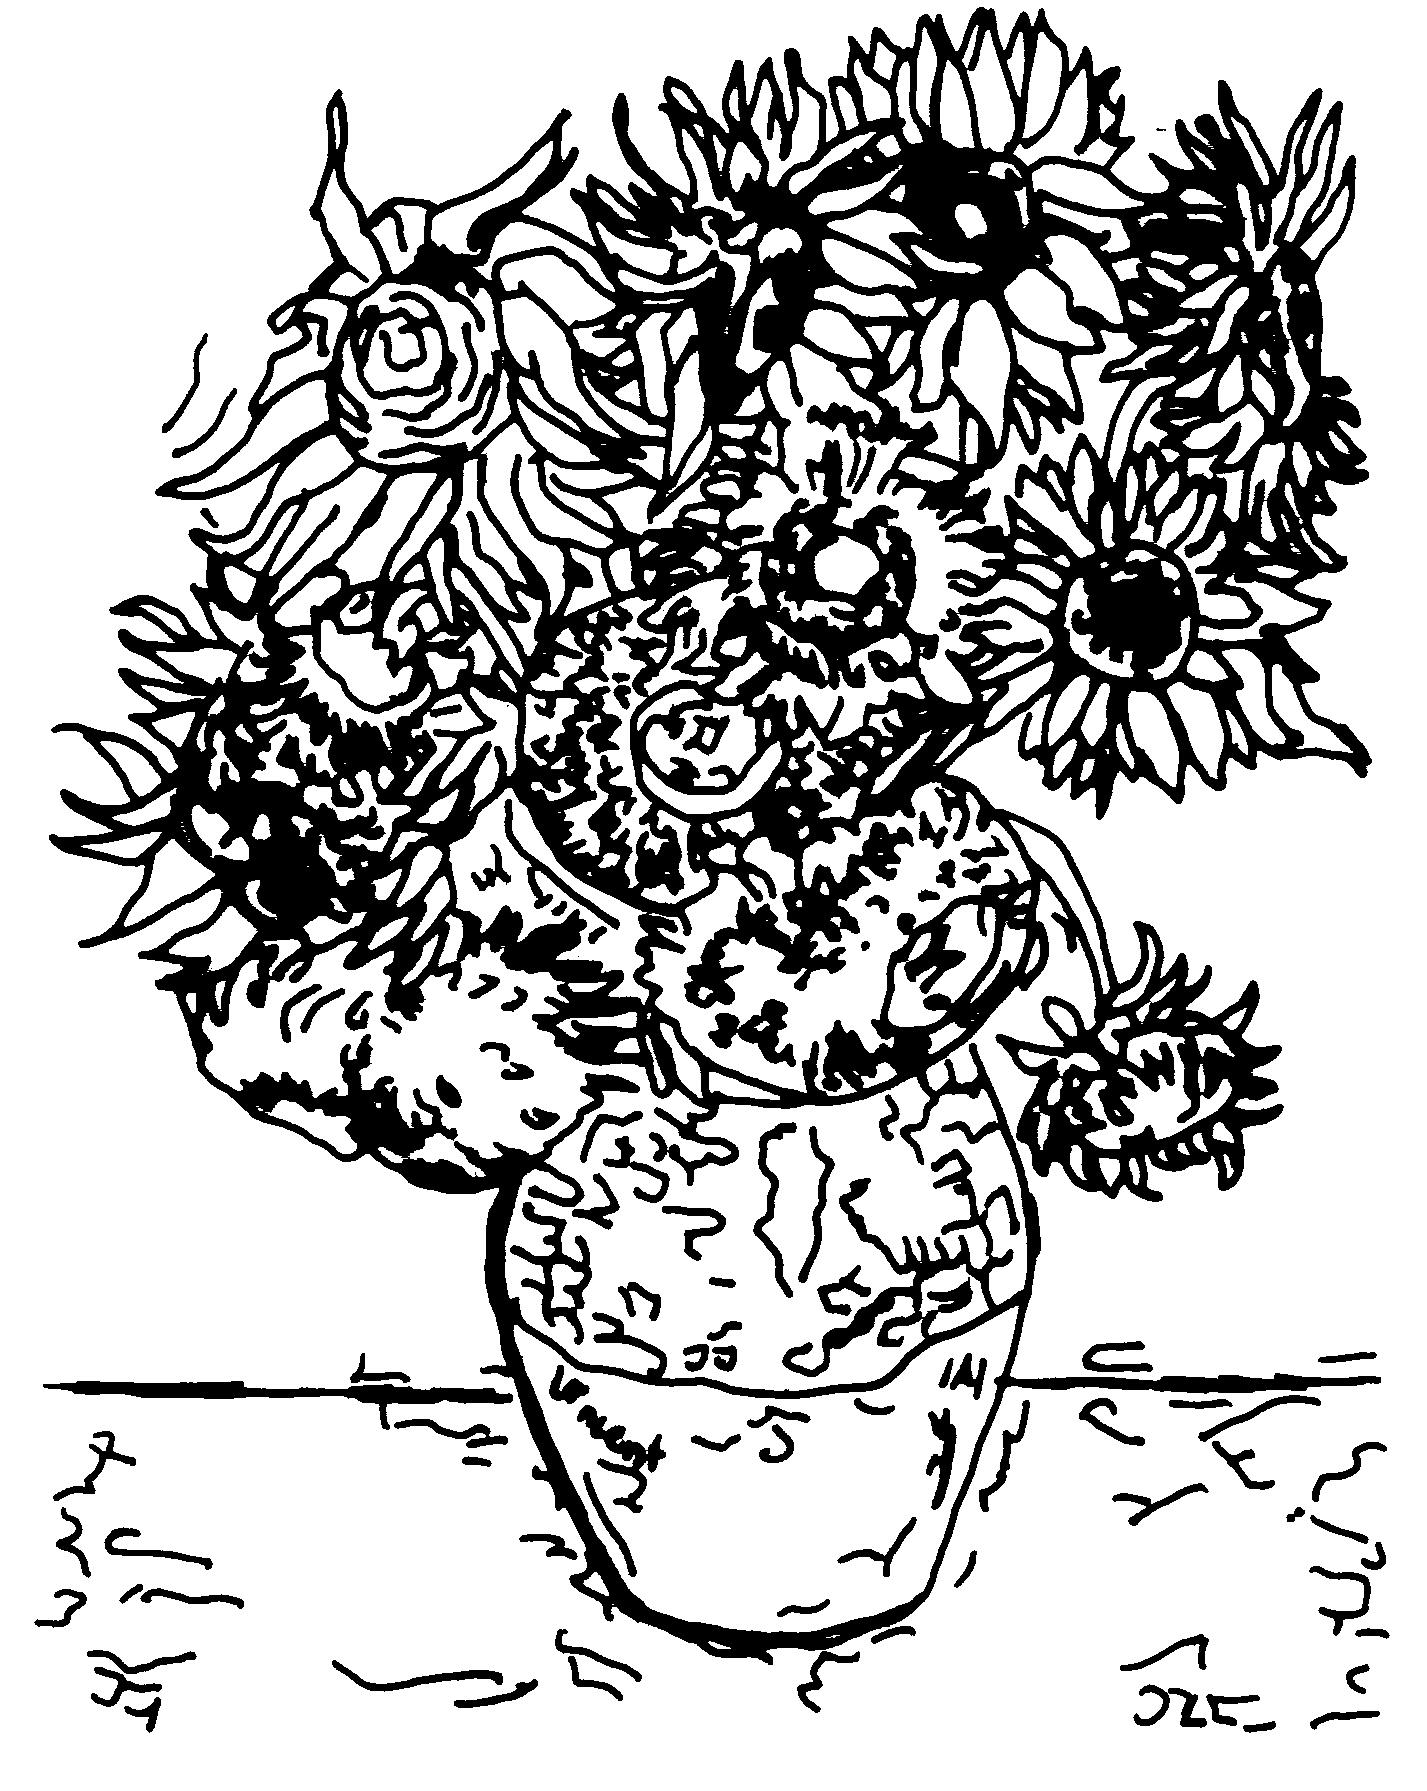 Großzügig Sonnenblume Malvorlagen Van Gogh Fotos - Beispiel ...